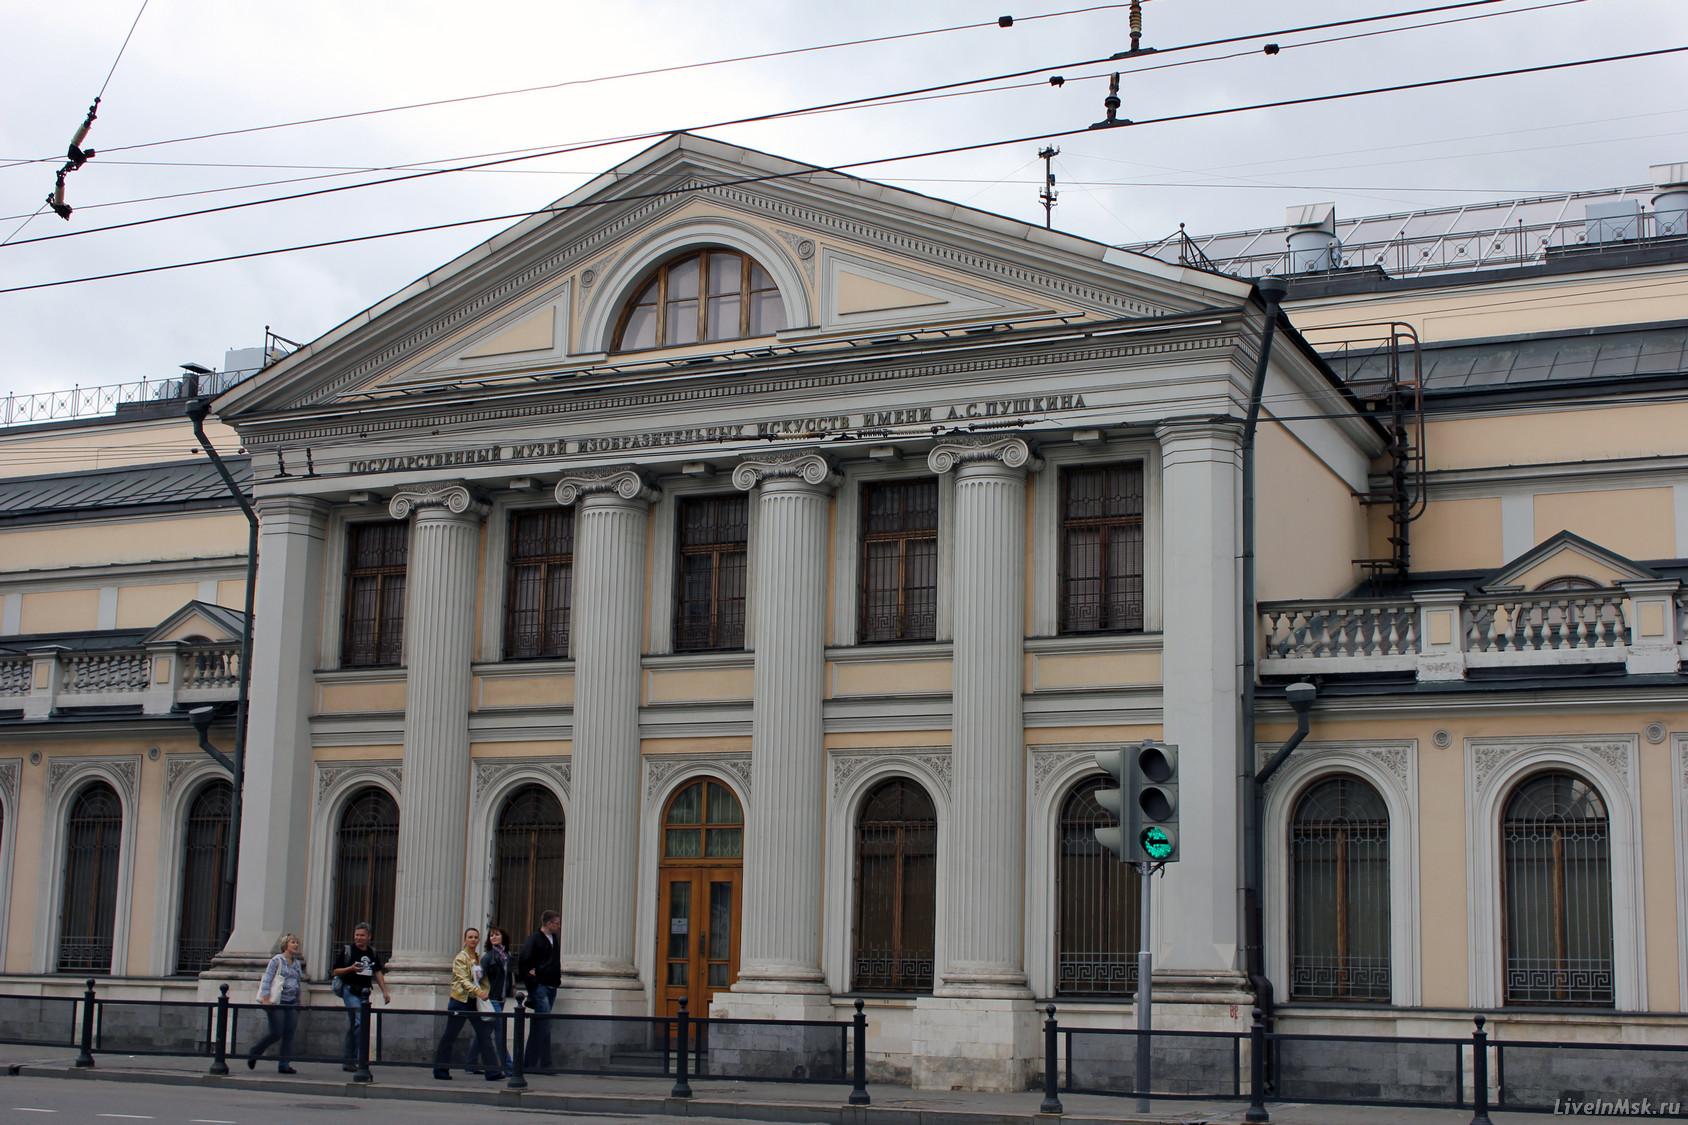 Пушкинский музей на волхонке